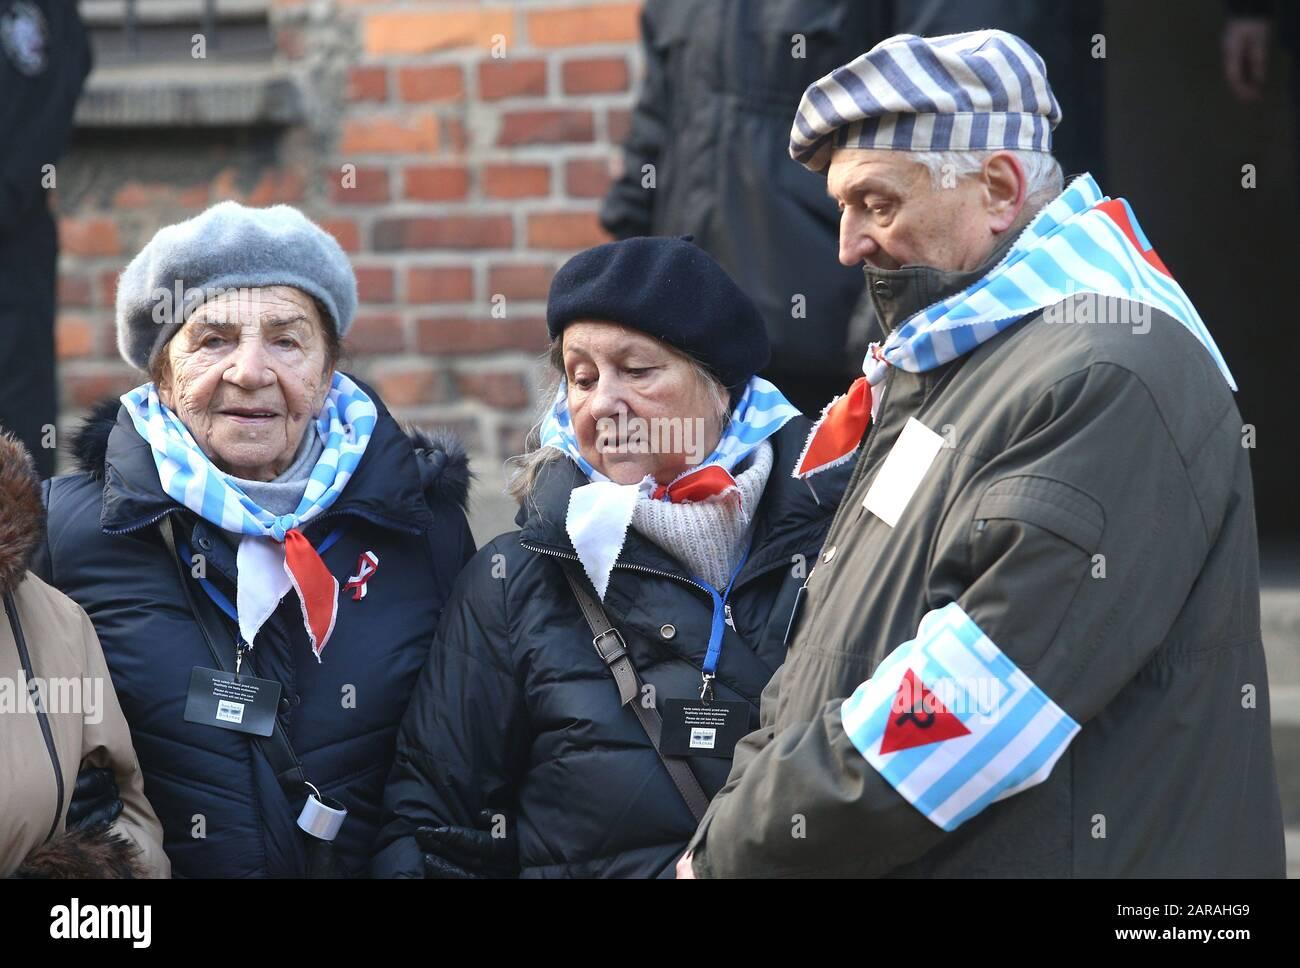 Oswiecim, Polonia. 27 de enero de 2020. Antiguos prisioneros del campo de concentración de Auschwitz-Birkenau. 75º aniversario del día de la liberación de Auschwitz y de la memoria del Holocausto. El mayor campo de concentración y exterminio nazi alemán, KL Auschwitz-Birkenau, fue liberado por el Ejército Rojo el 27 de enero de 1945. Crédito: Damian Klamka/Zuma Wire/Alamy Live News Foto de stock